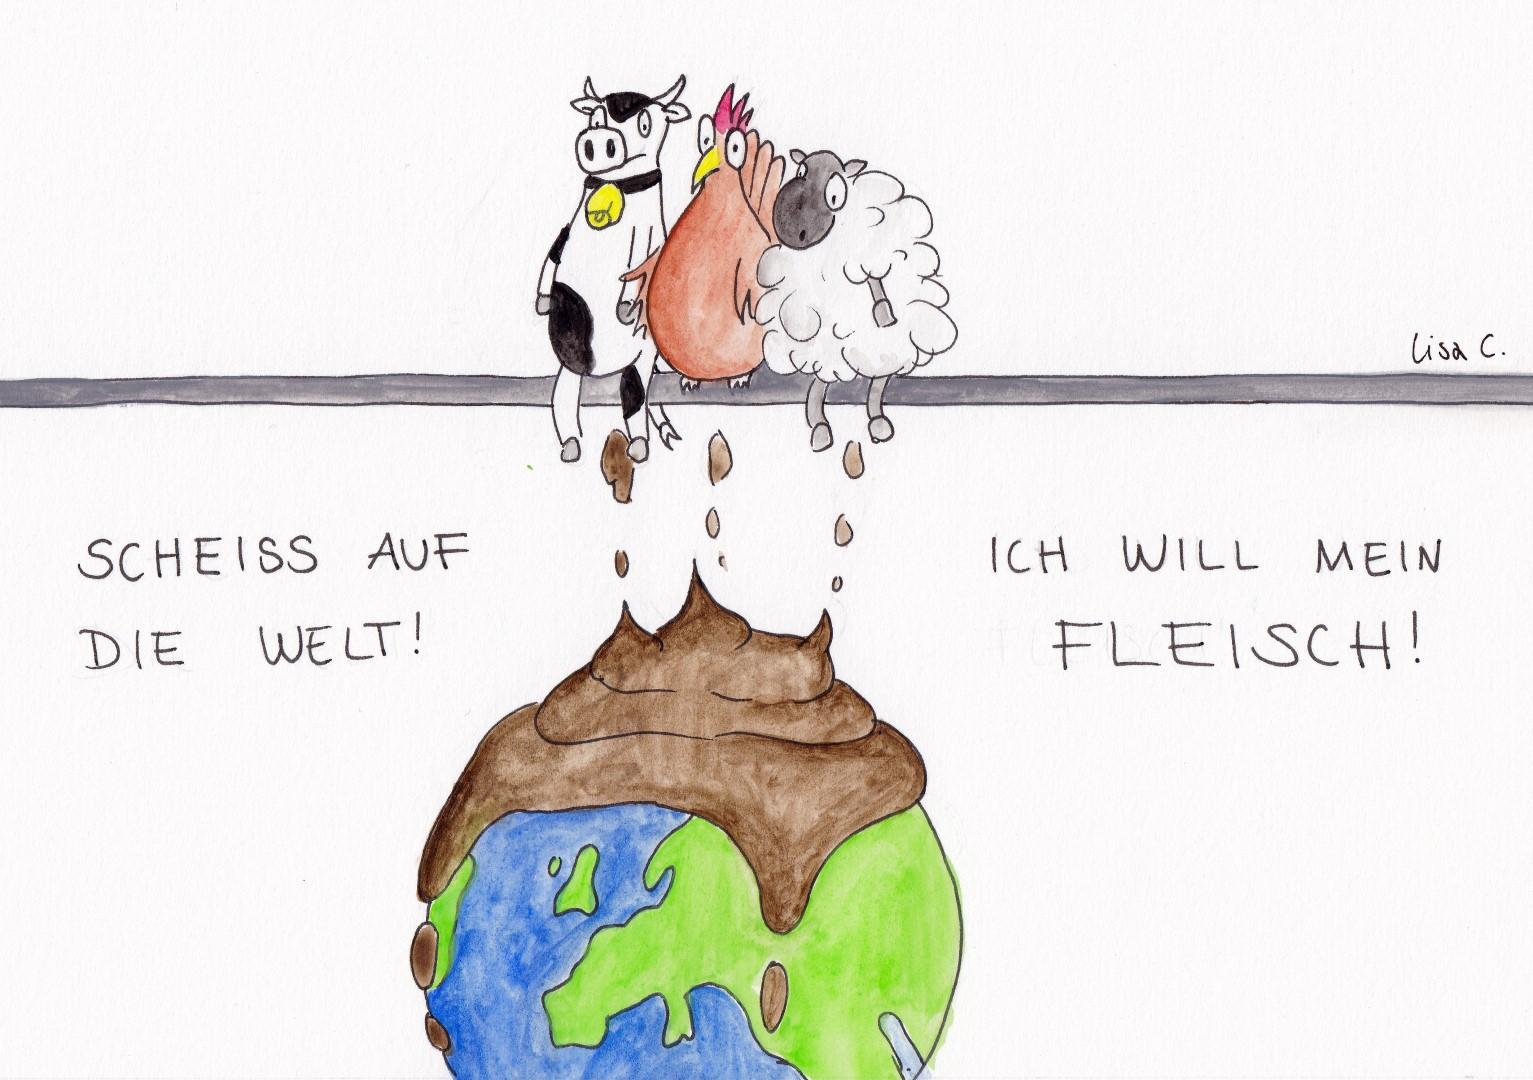 scheiss_auf_die_welt-large